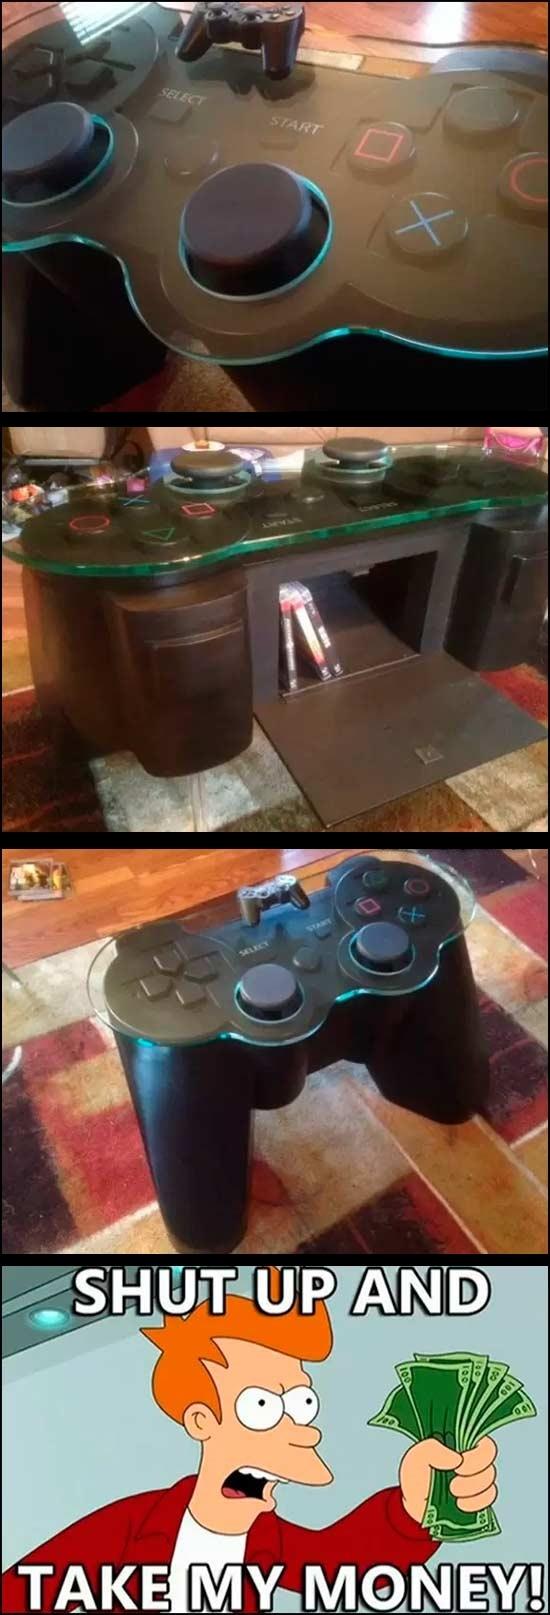 control,grande,mando,mesa,perfecta para frikis,playstation